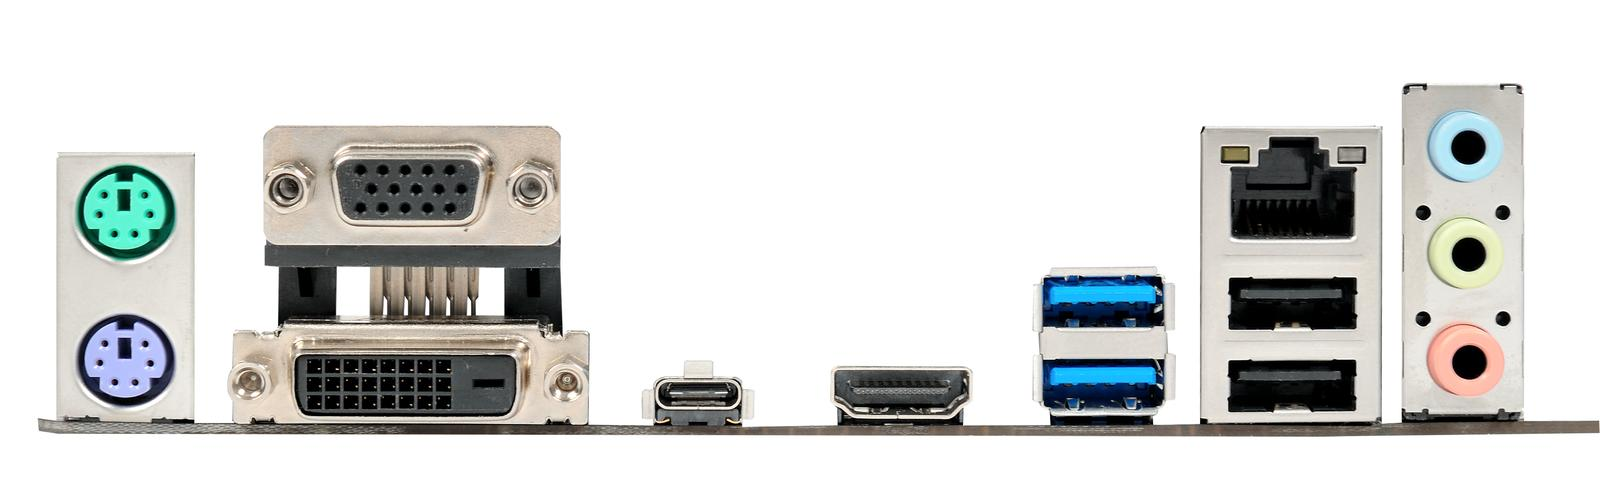 Asus PRIME Z270M-PLUS Micro ATX LGA 1151